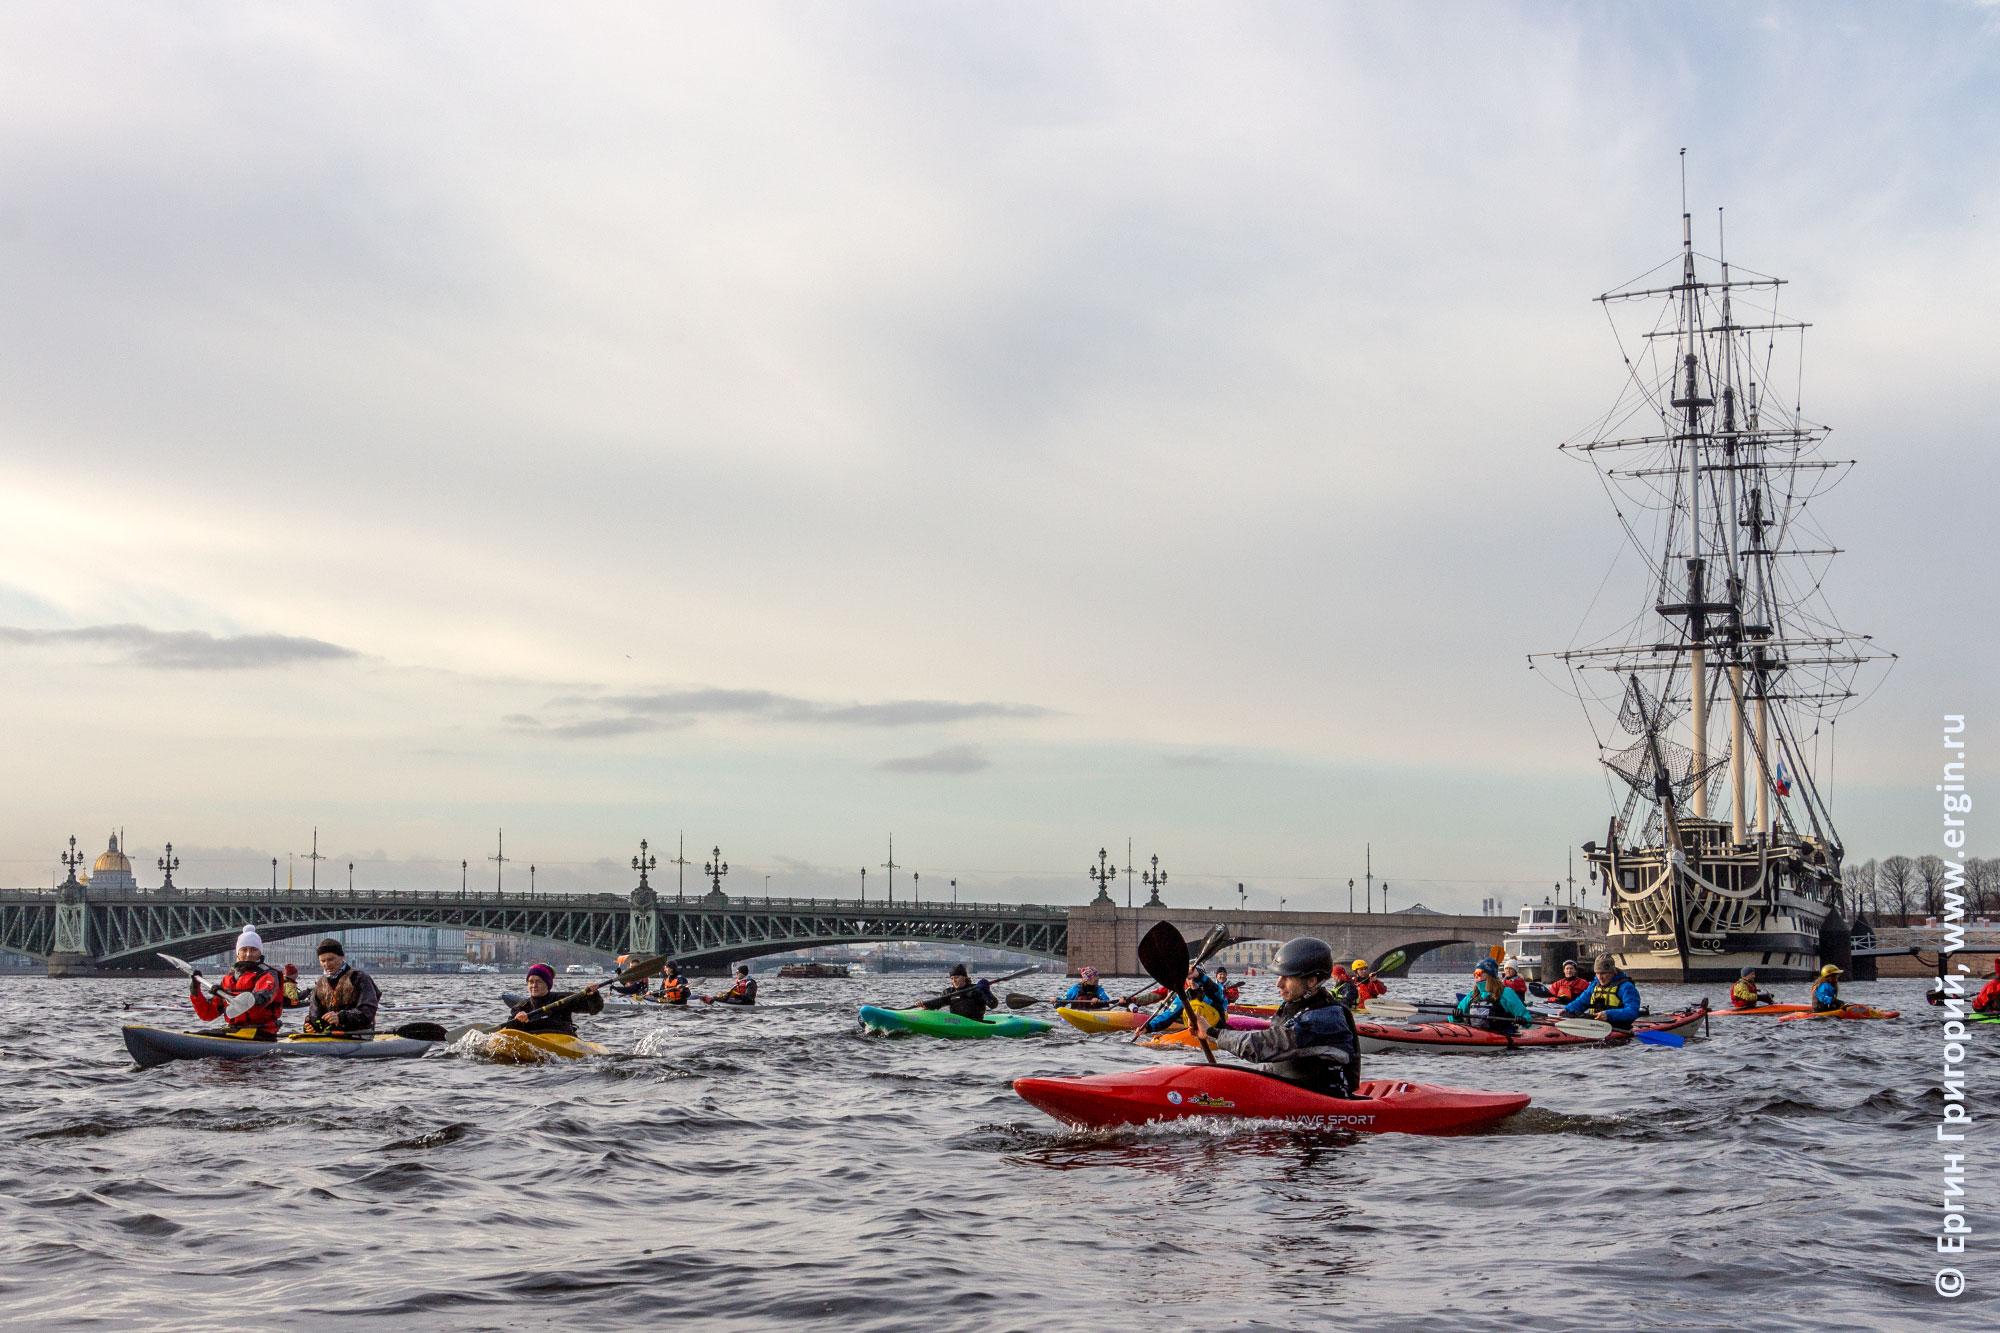 Каяки на реке Неве в Санкт-Петербурге